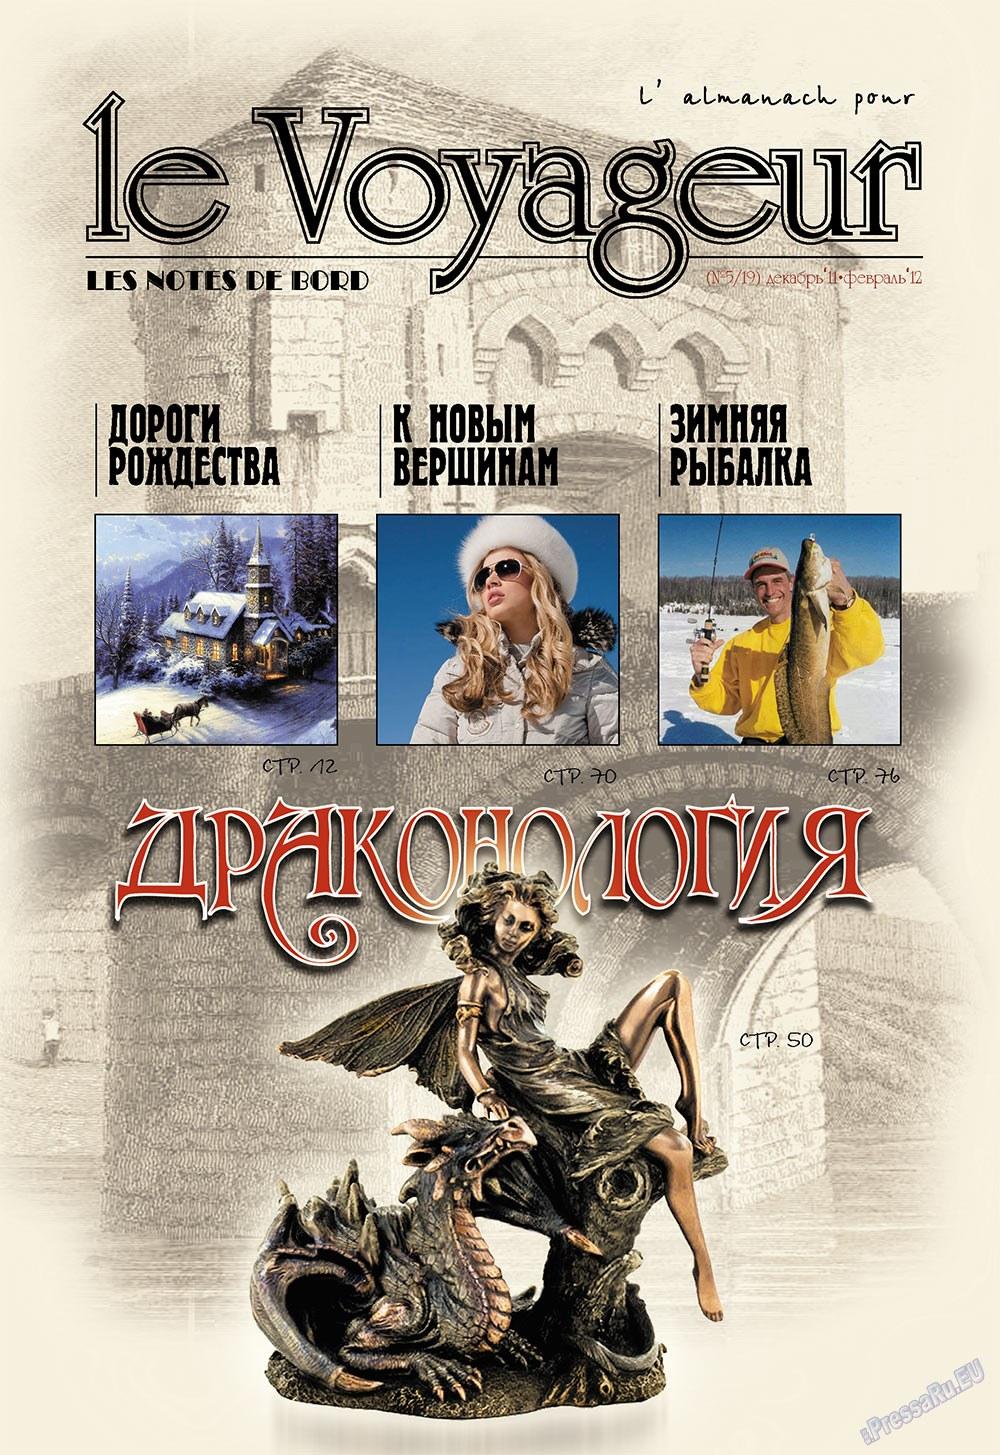 Le Voyageur (журнал). 2011 год, номер 19, стр. 1